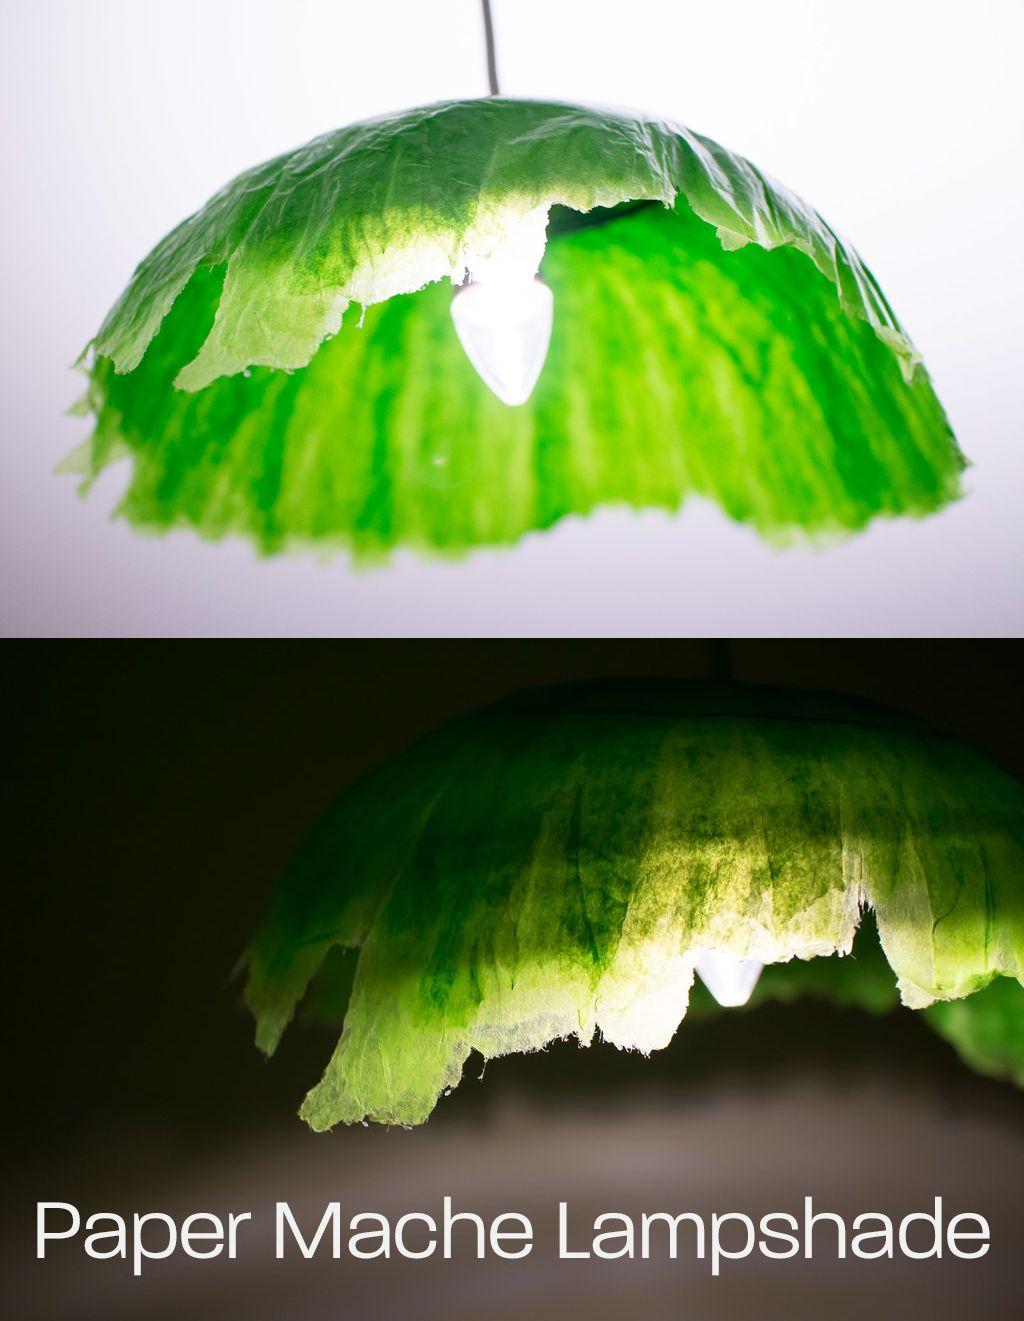 Paper Mache Lampshade Paper Mache Paper Clear Paper